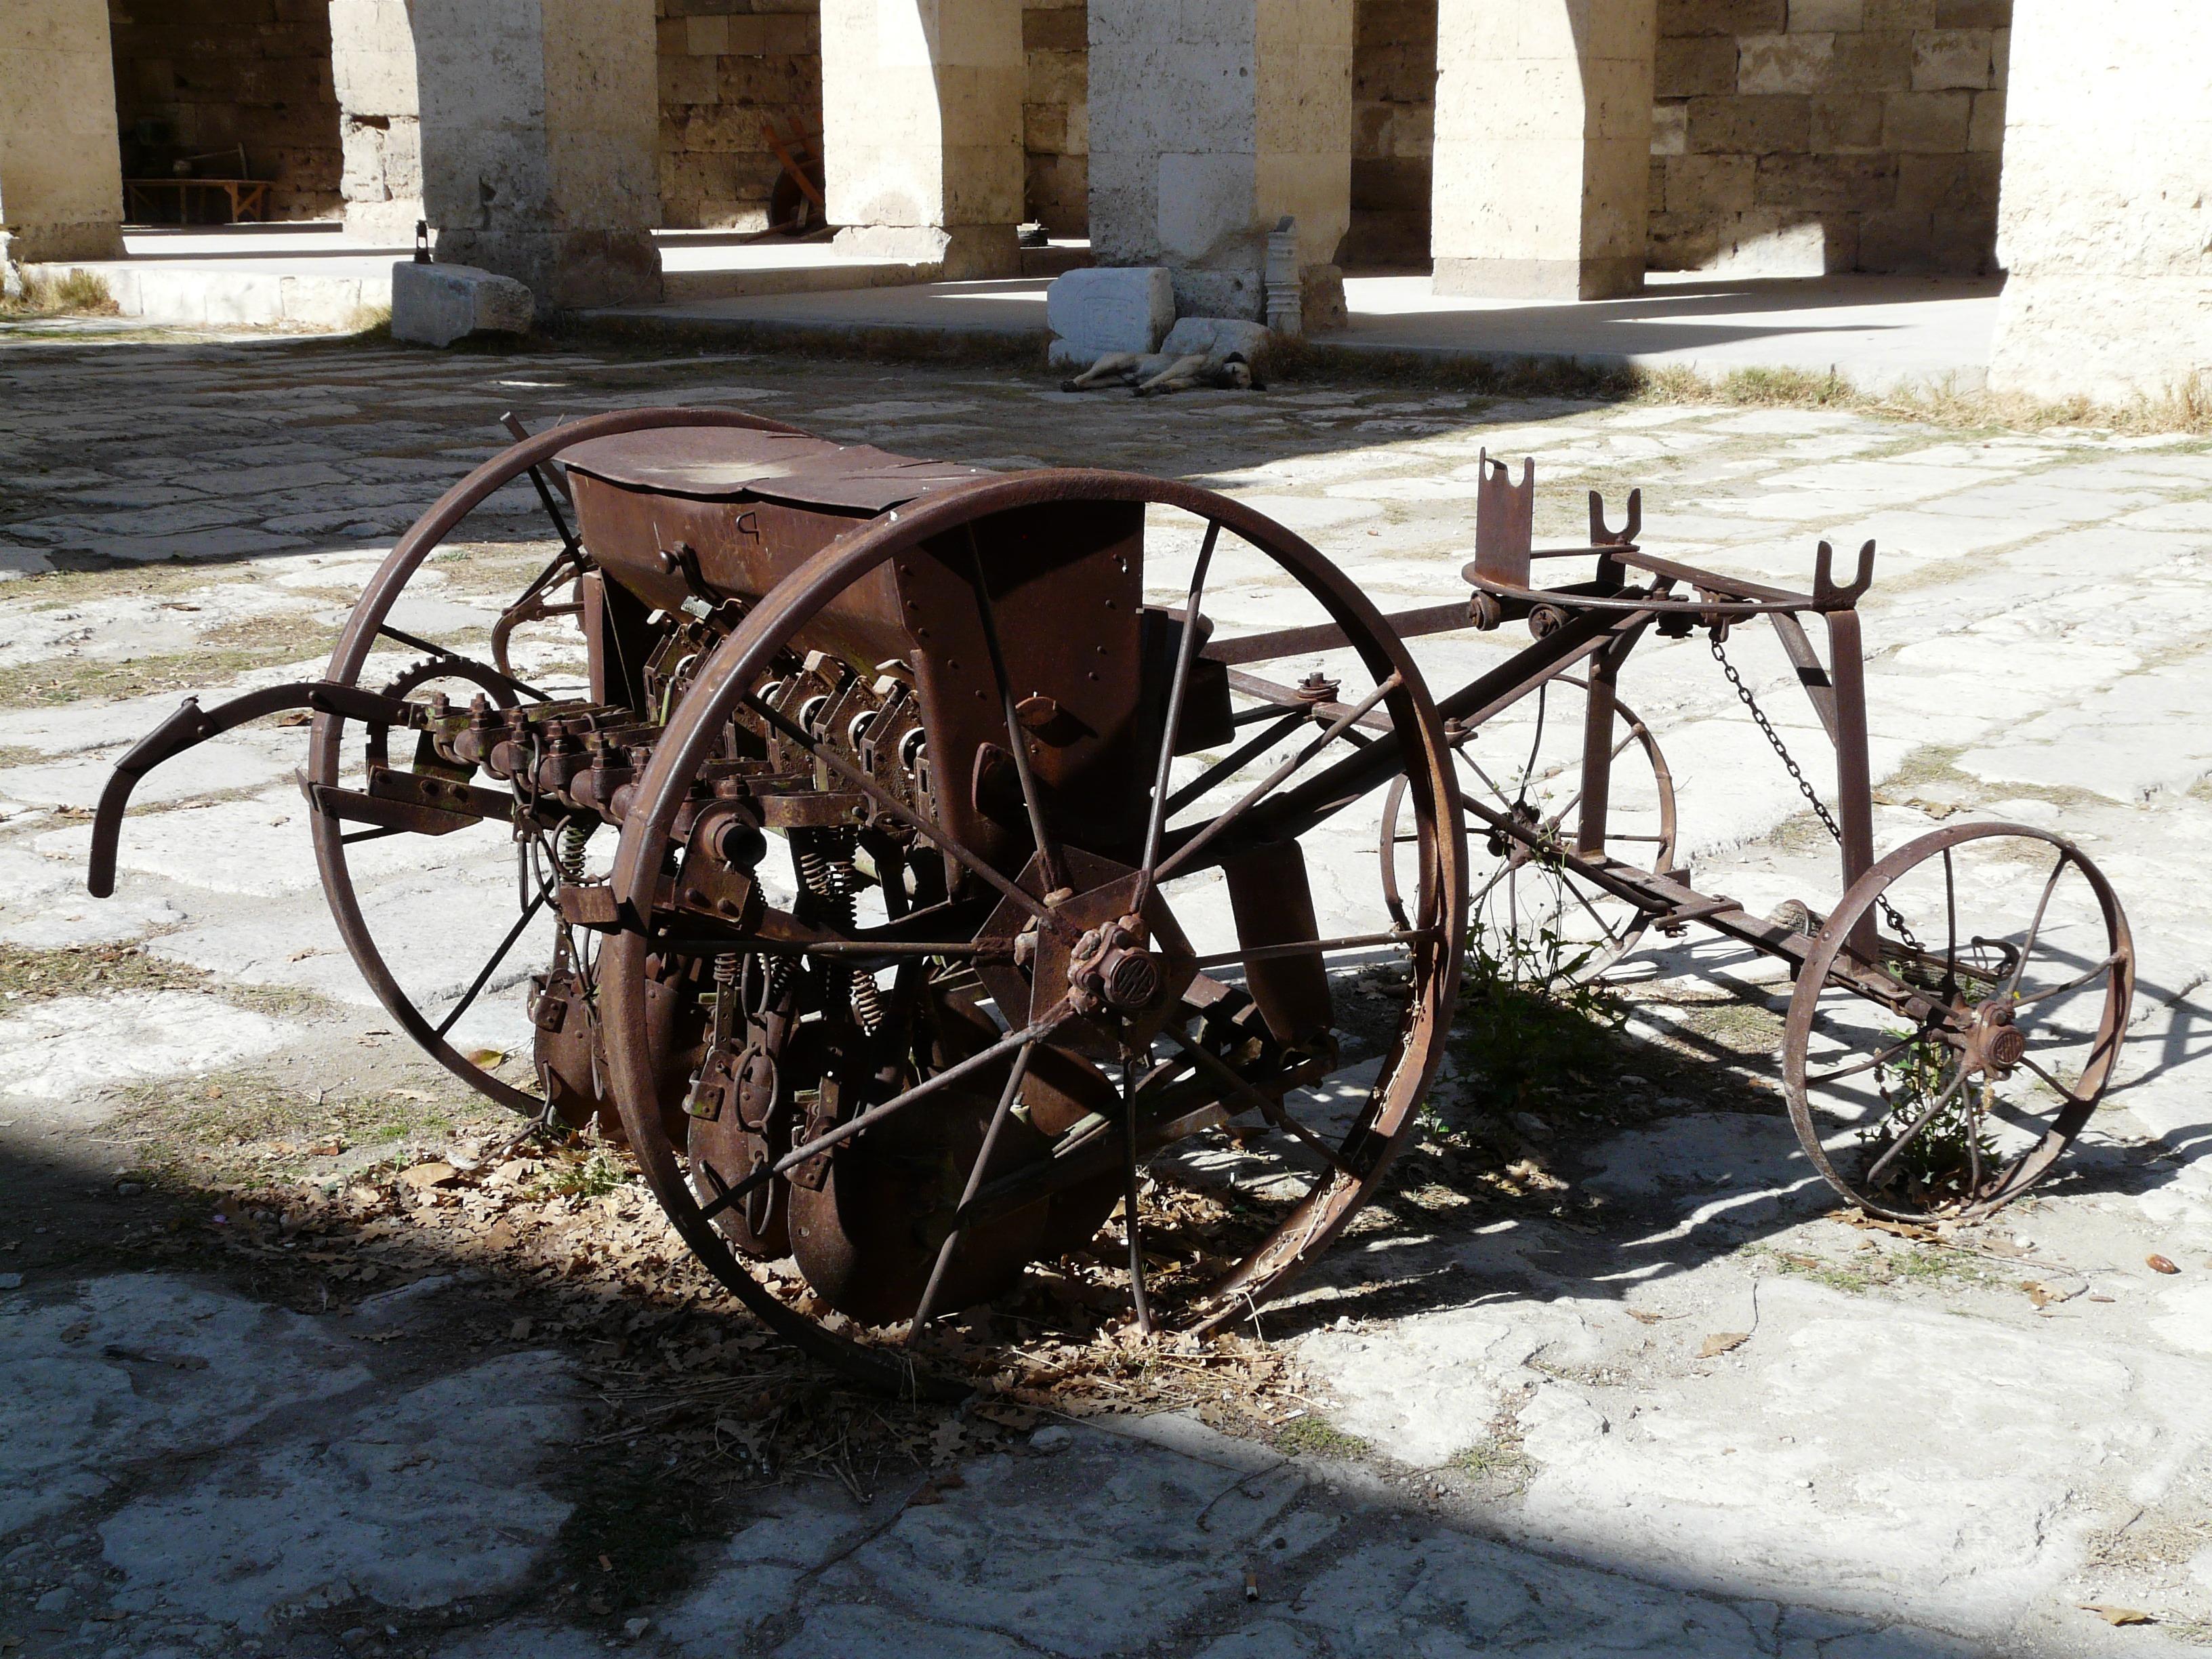 Images gratuites bois tracteur antique roue chariot vieux v hicule m tal agriculture - Chariot porte roue tracteur ...